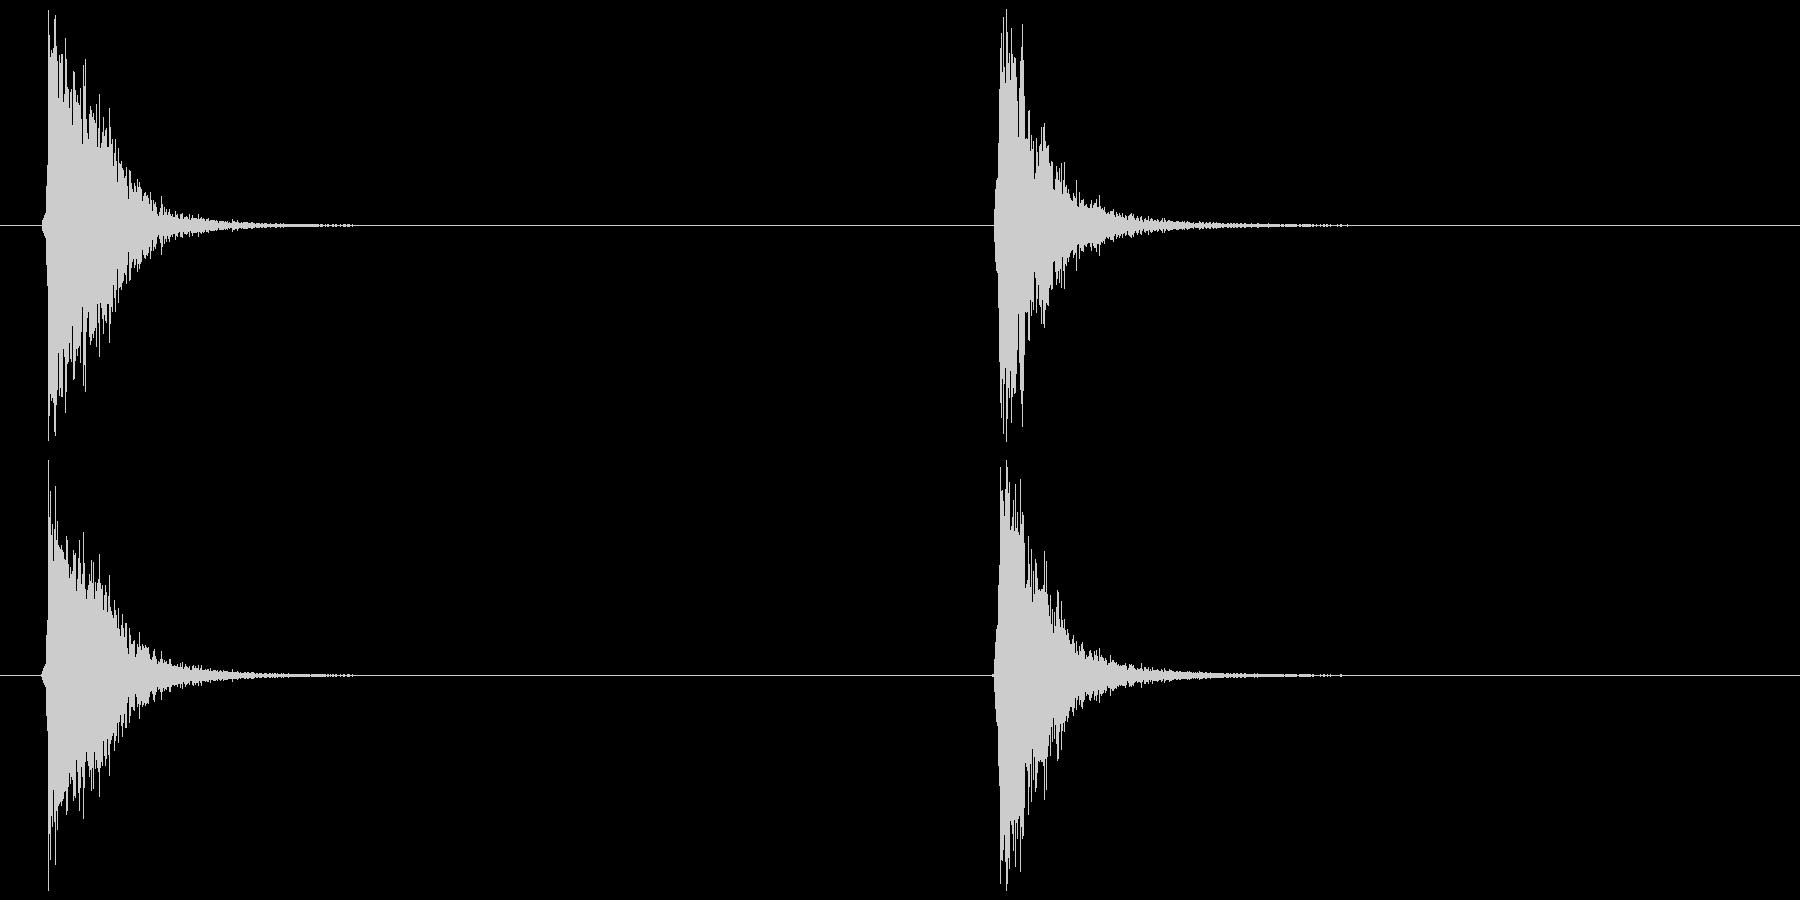 ビードロ アレンジ版 (ポッ ペン)の未再生の波形